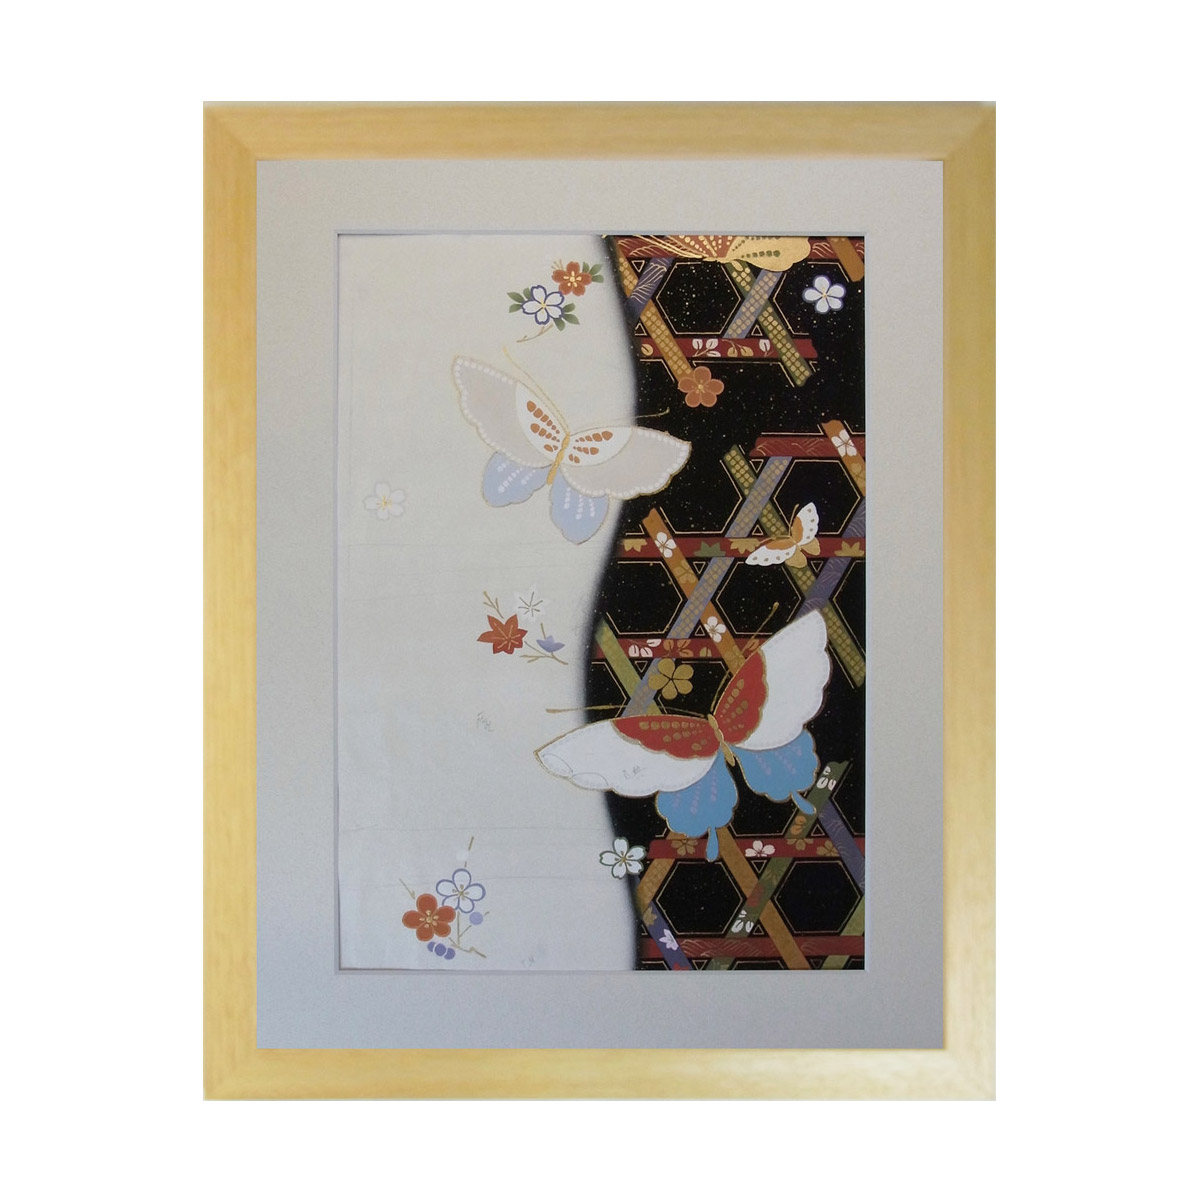 和風の額 壁掛インテリア 西陣織帯原画のアートフレーム 小サイズ 《115》